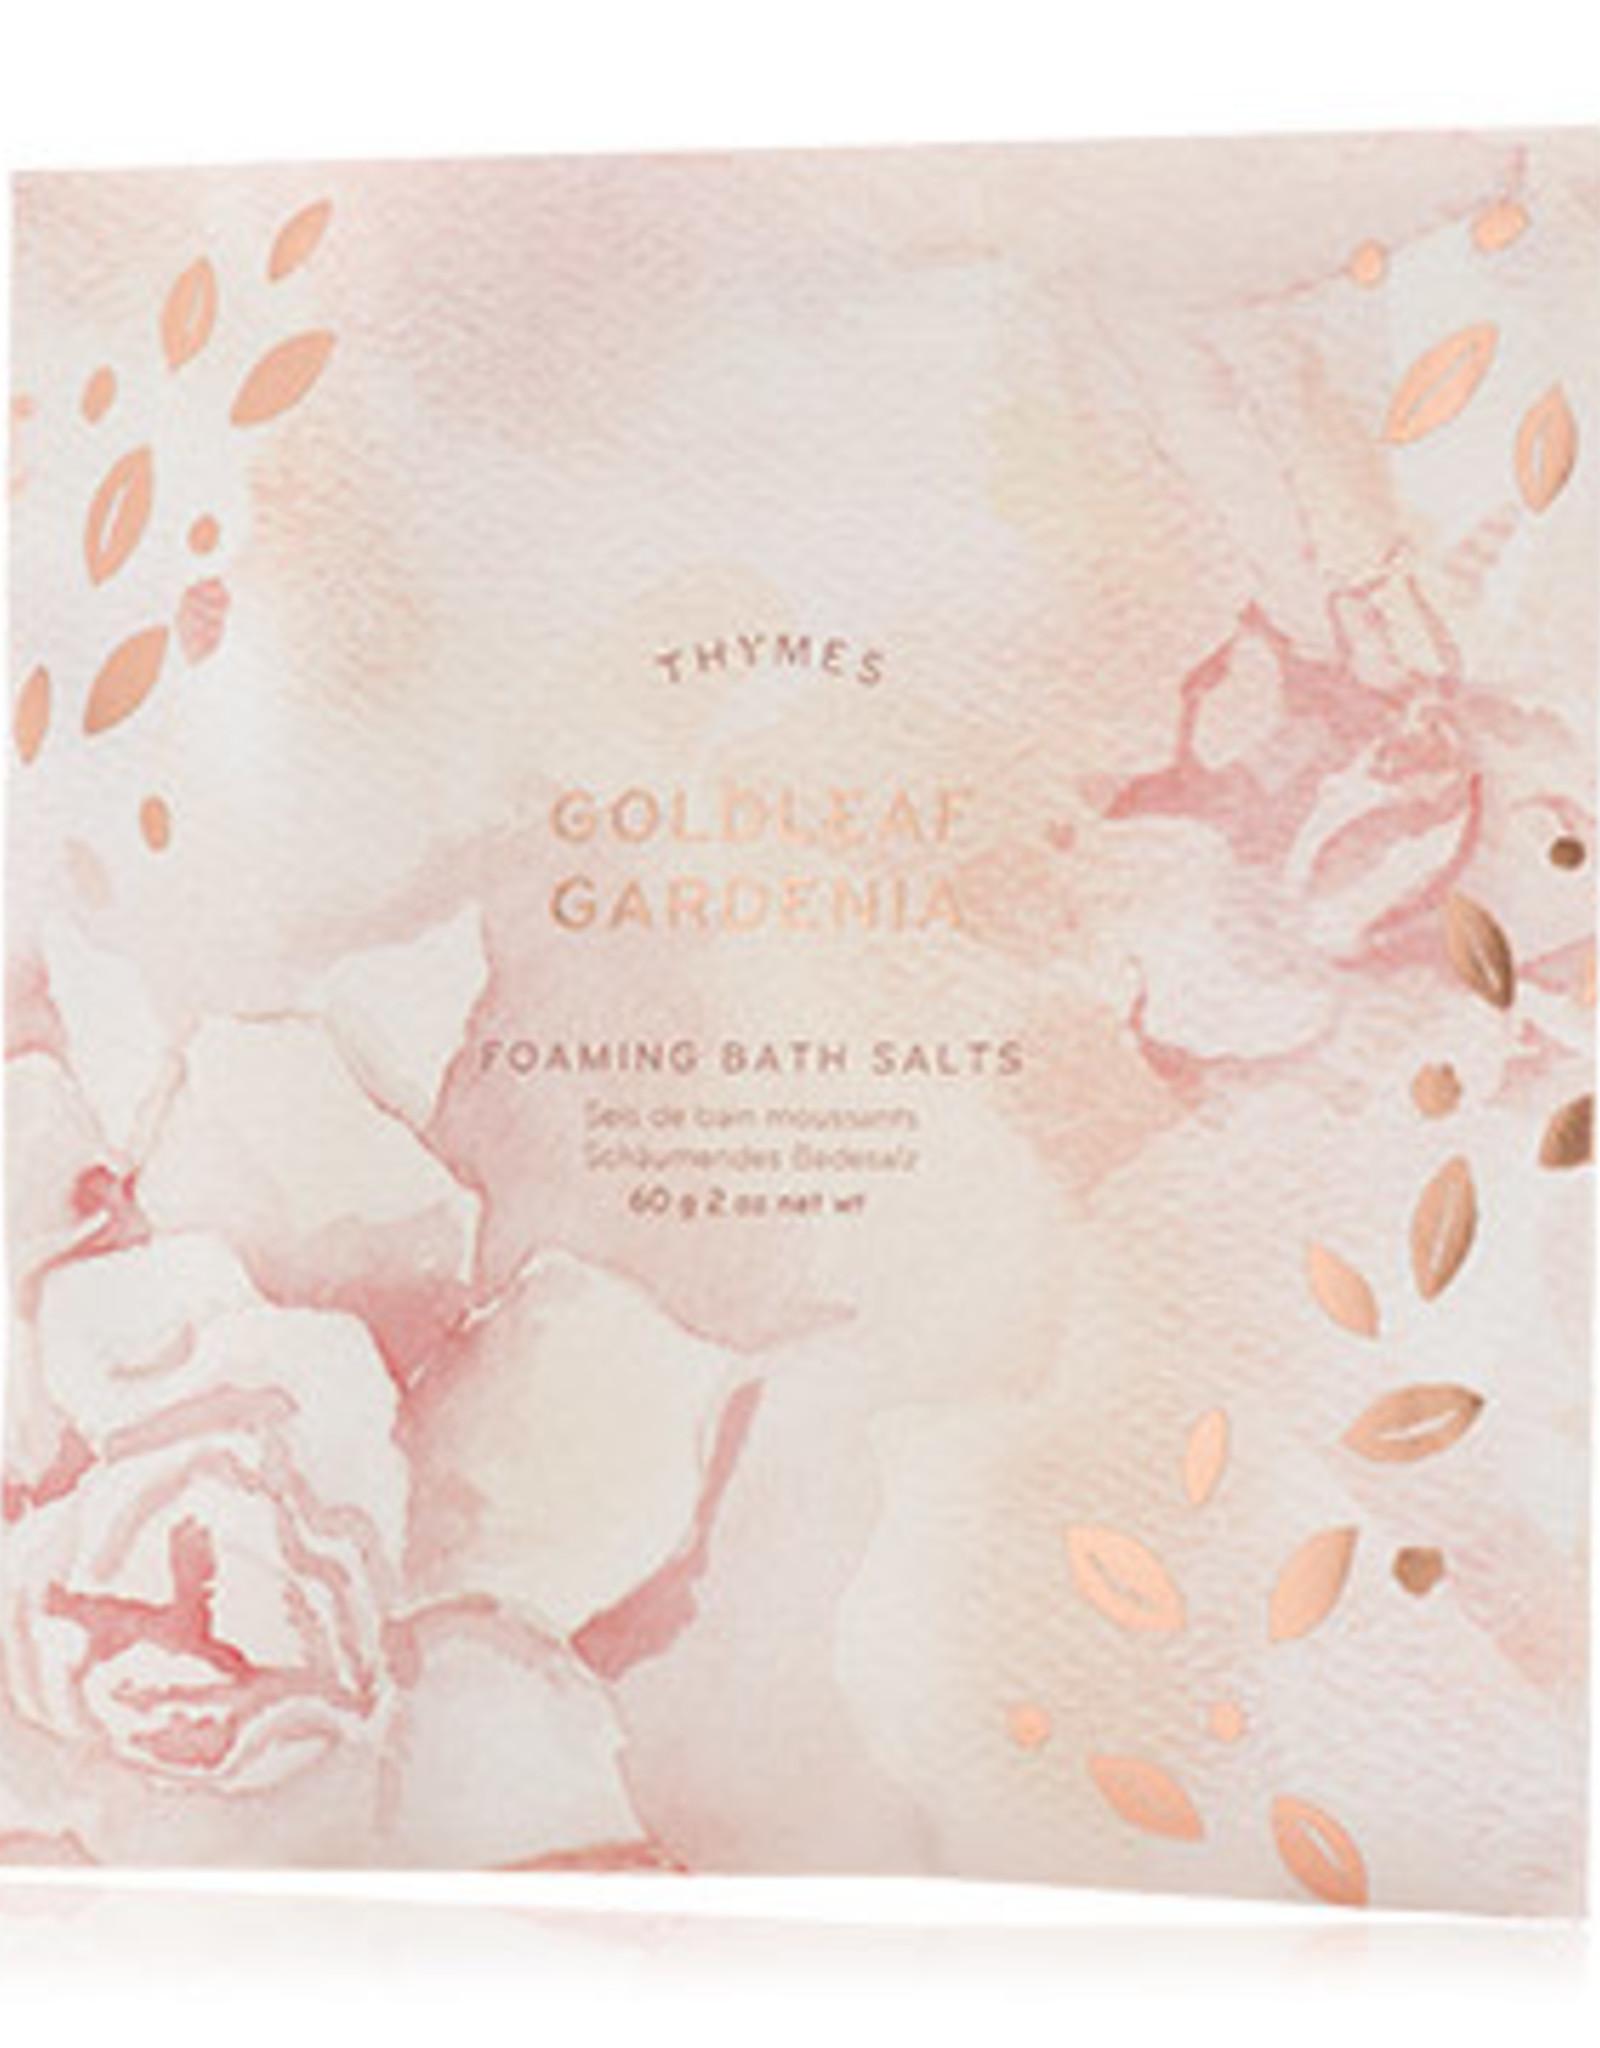 Goldleaf Gardenia Bath Salts